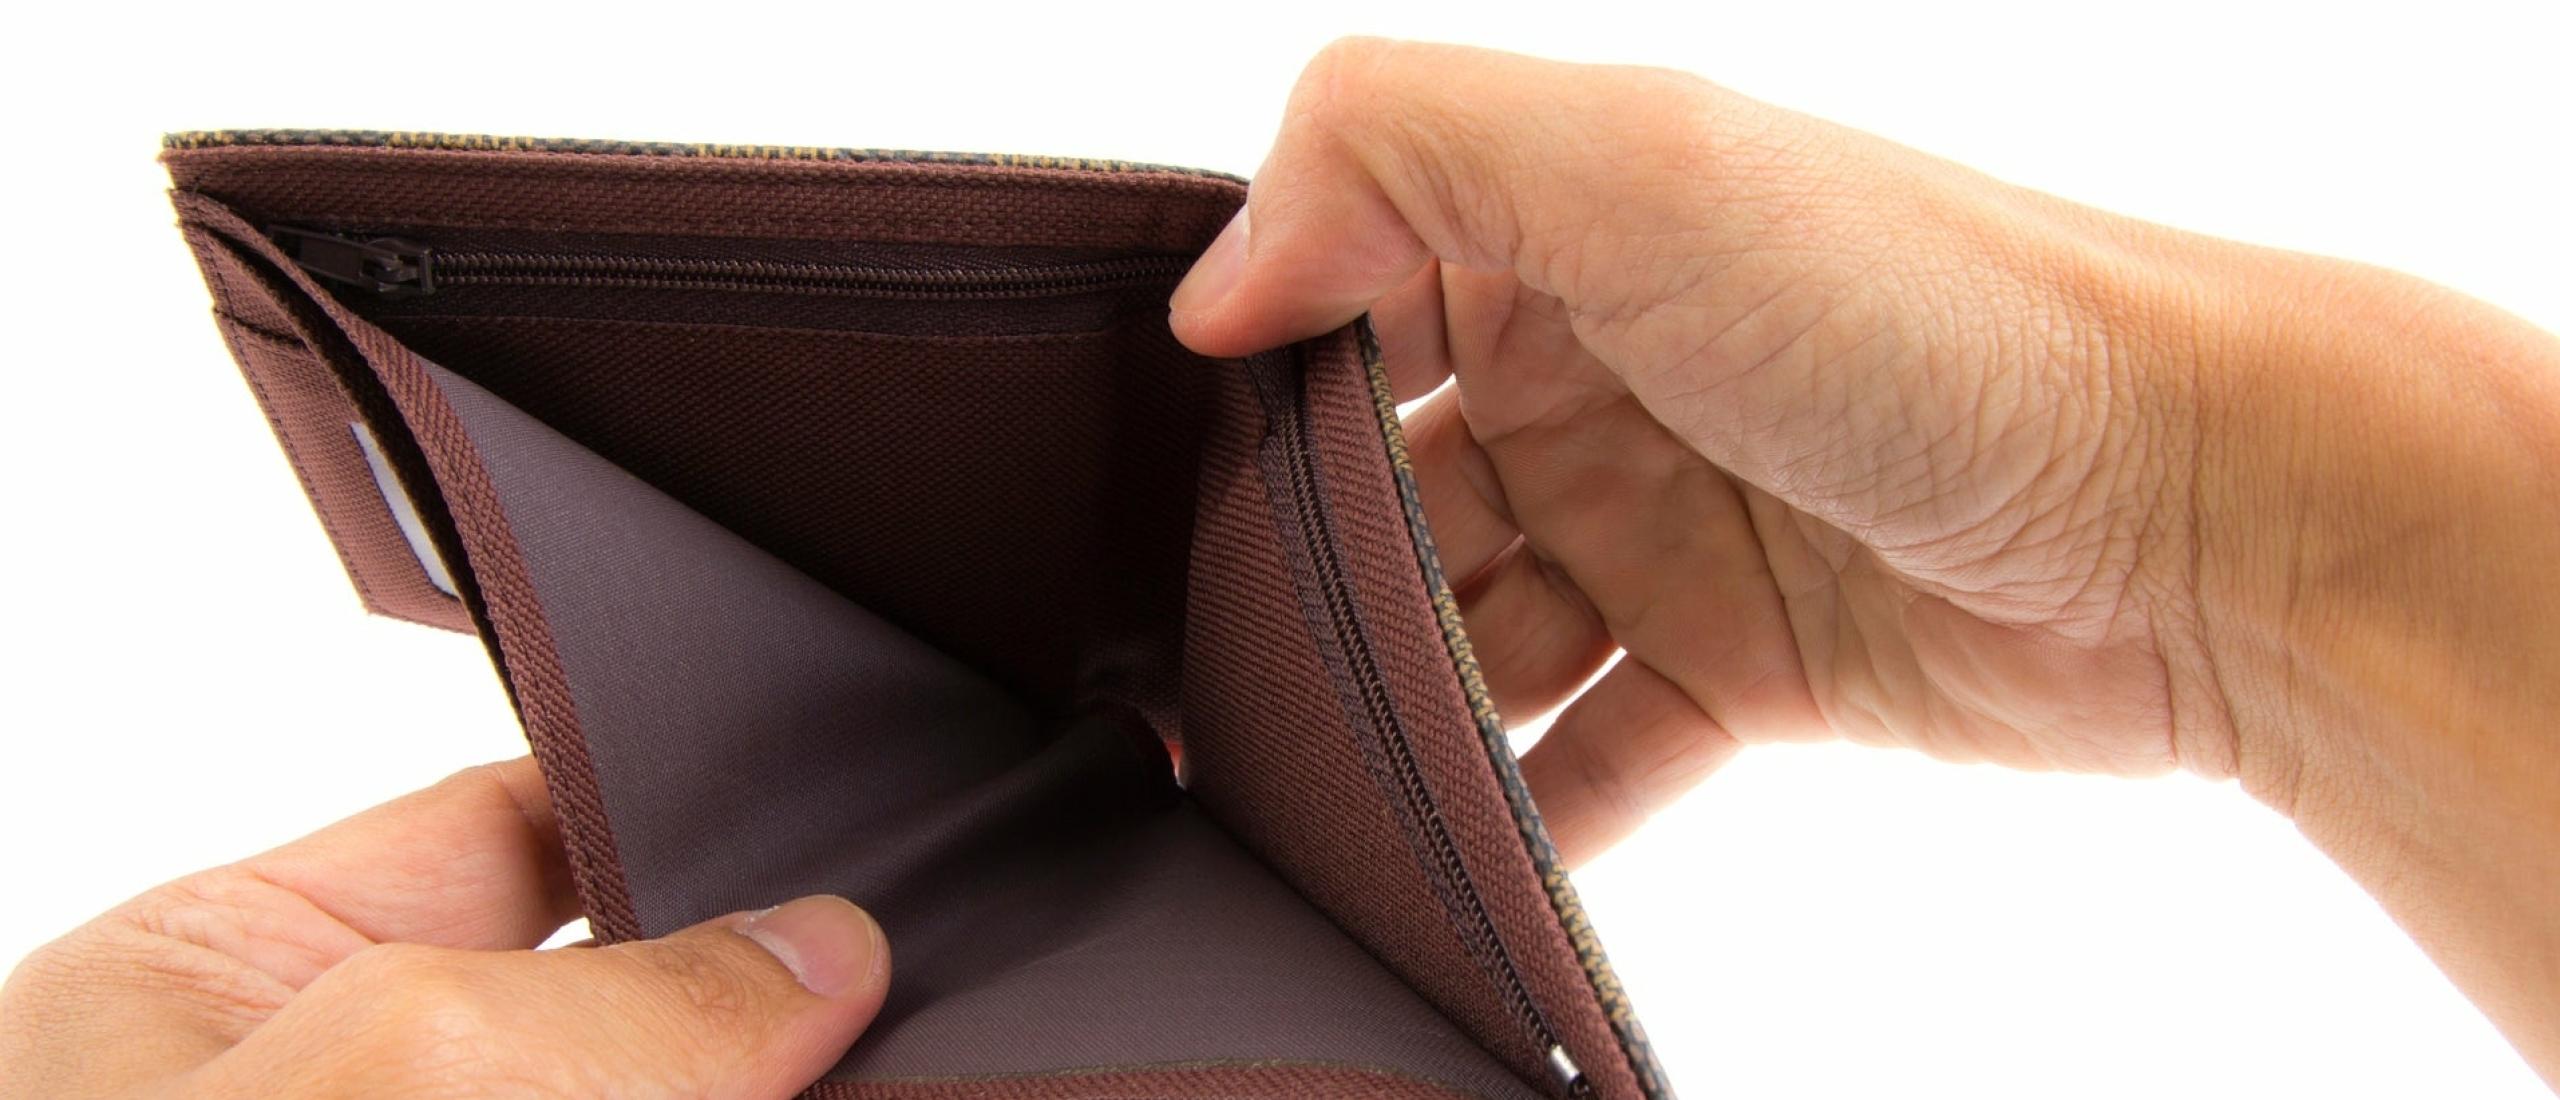 Hoe kun je stoppen met teveel geld uitgeven? 7 tips en tricks!